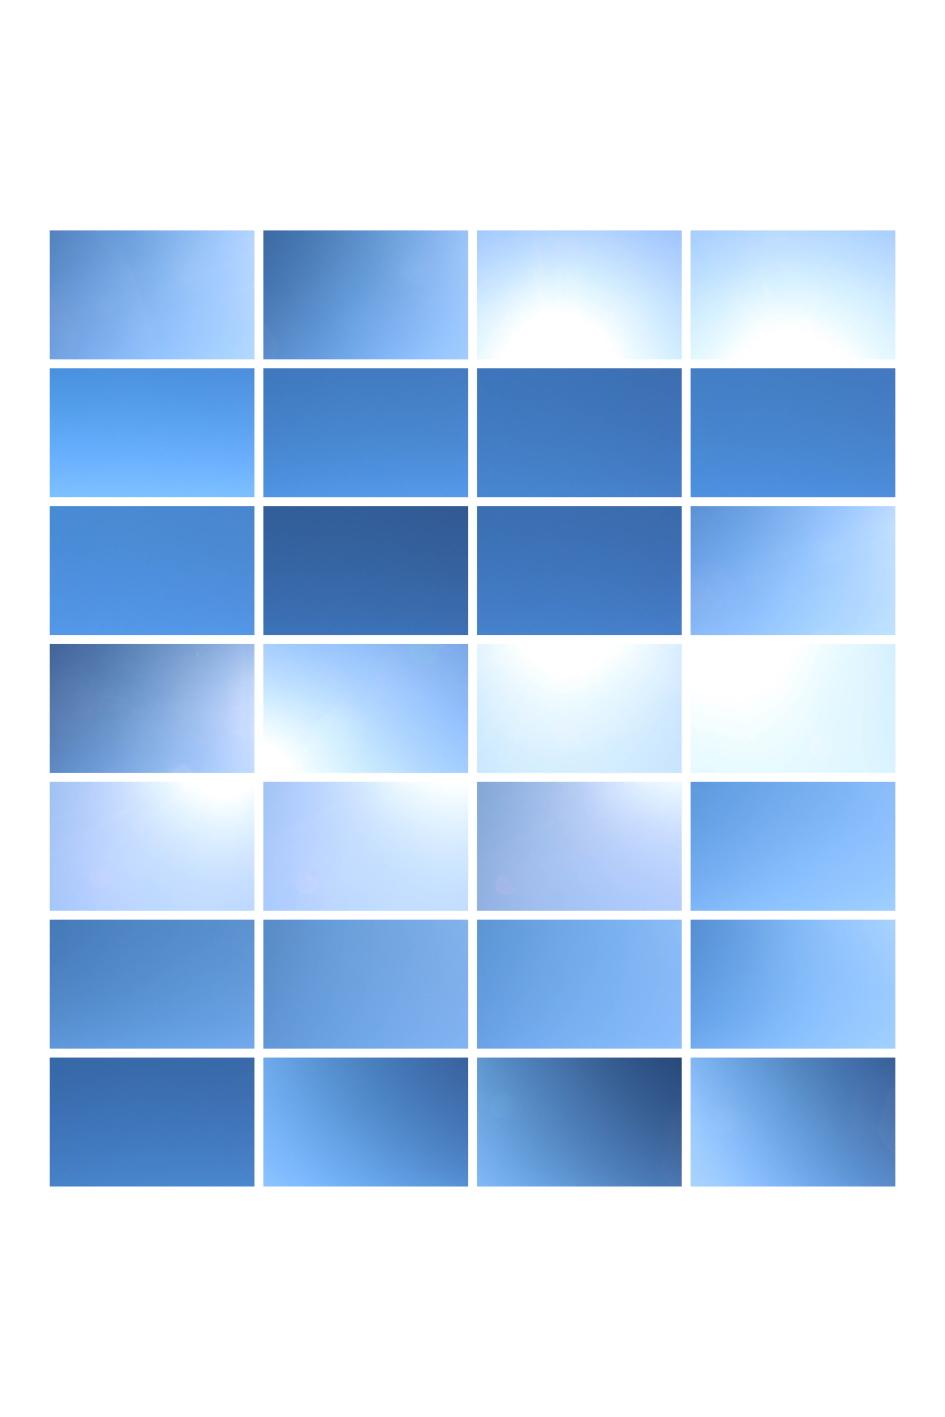 Markus Feiler - SKY BLUE 2_Künstler_artist_Kunst_art